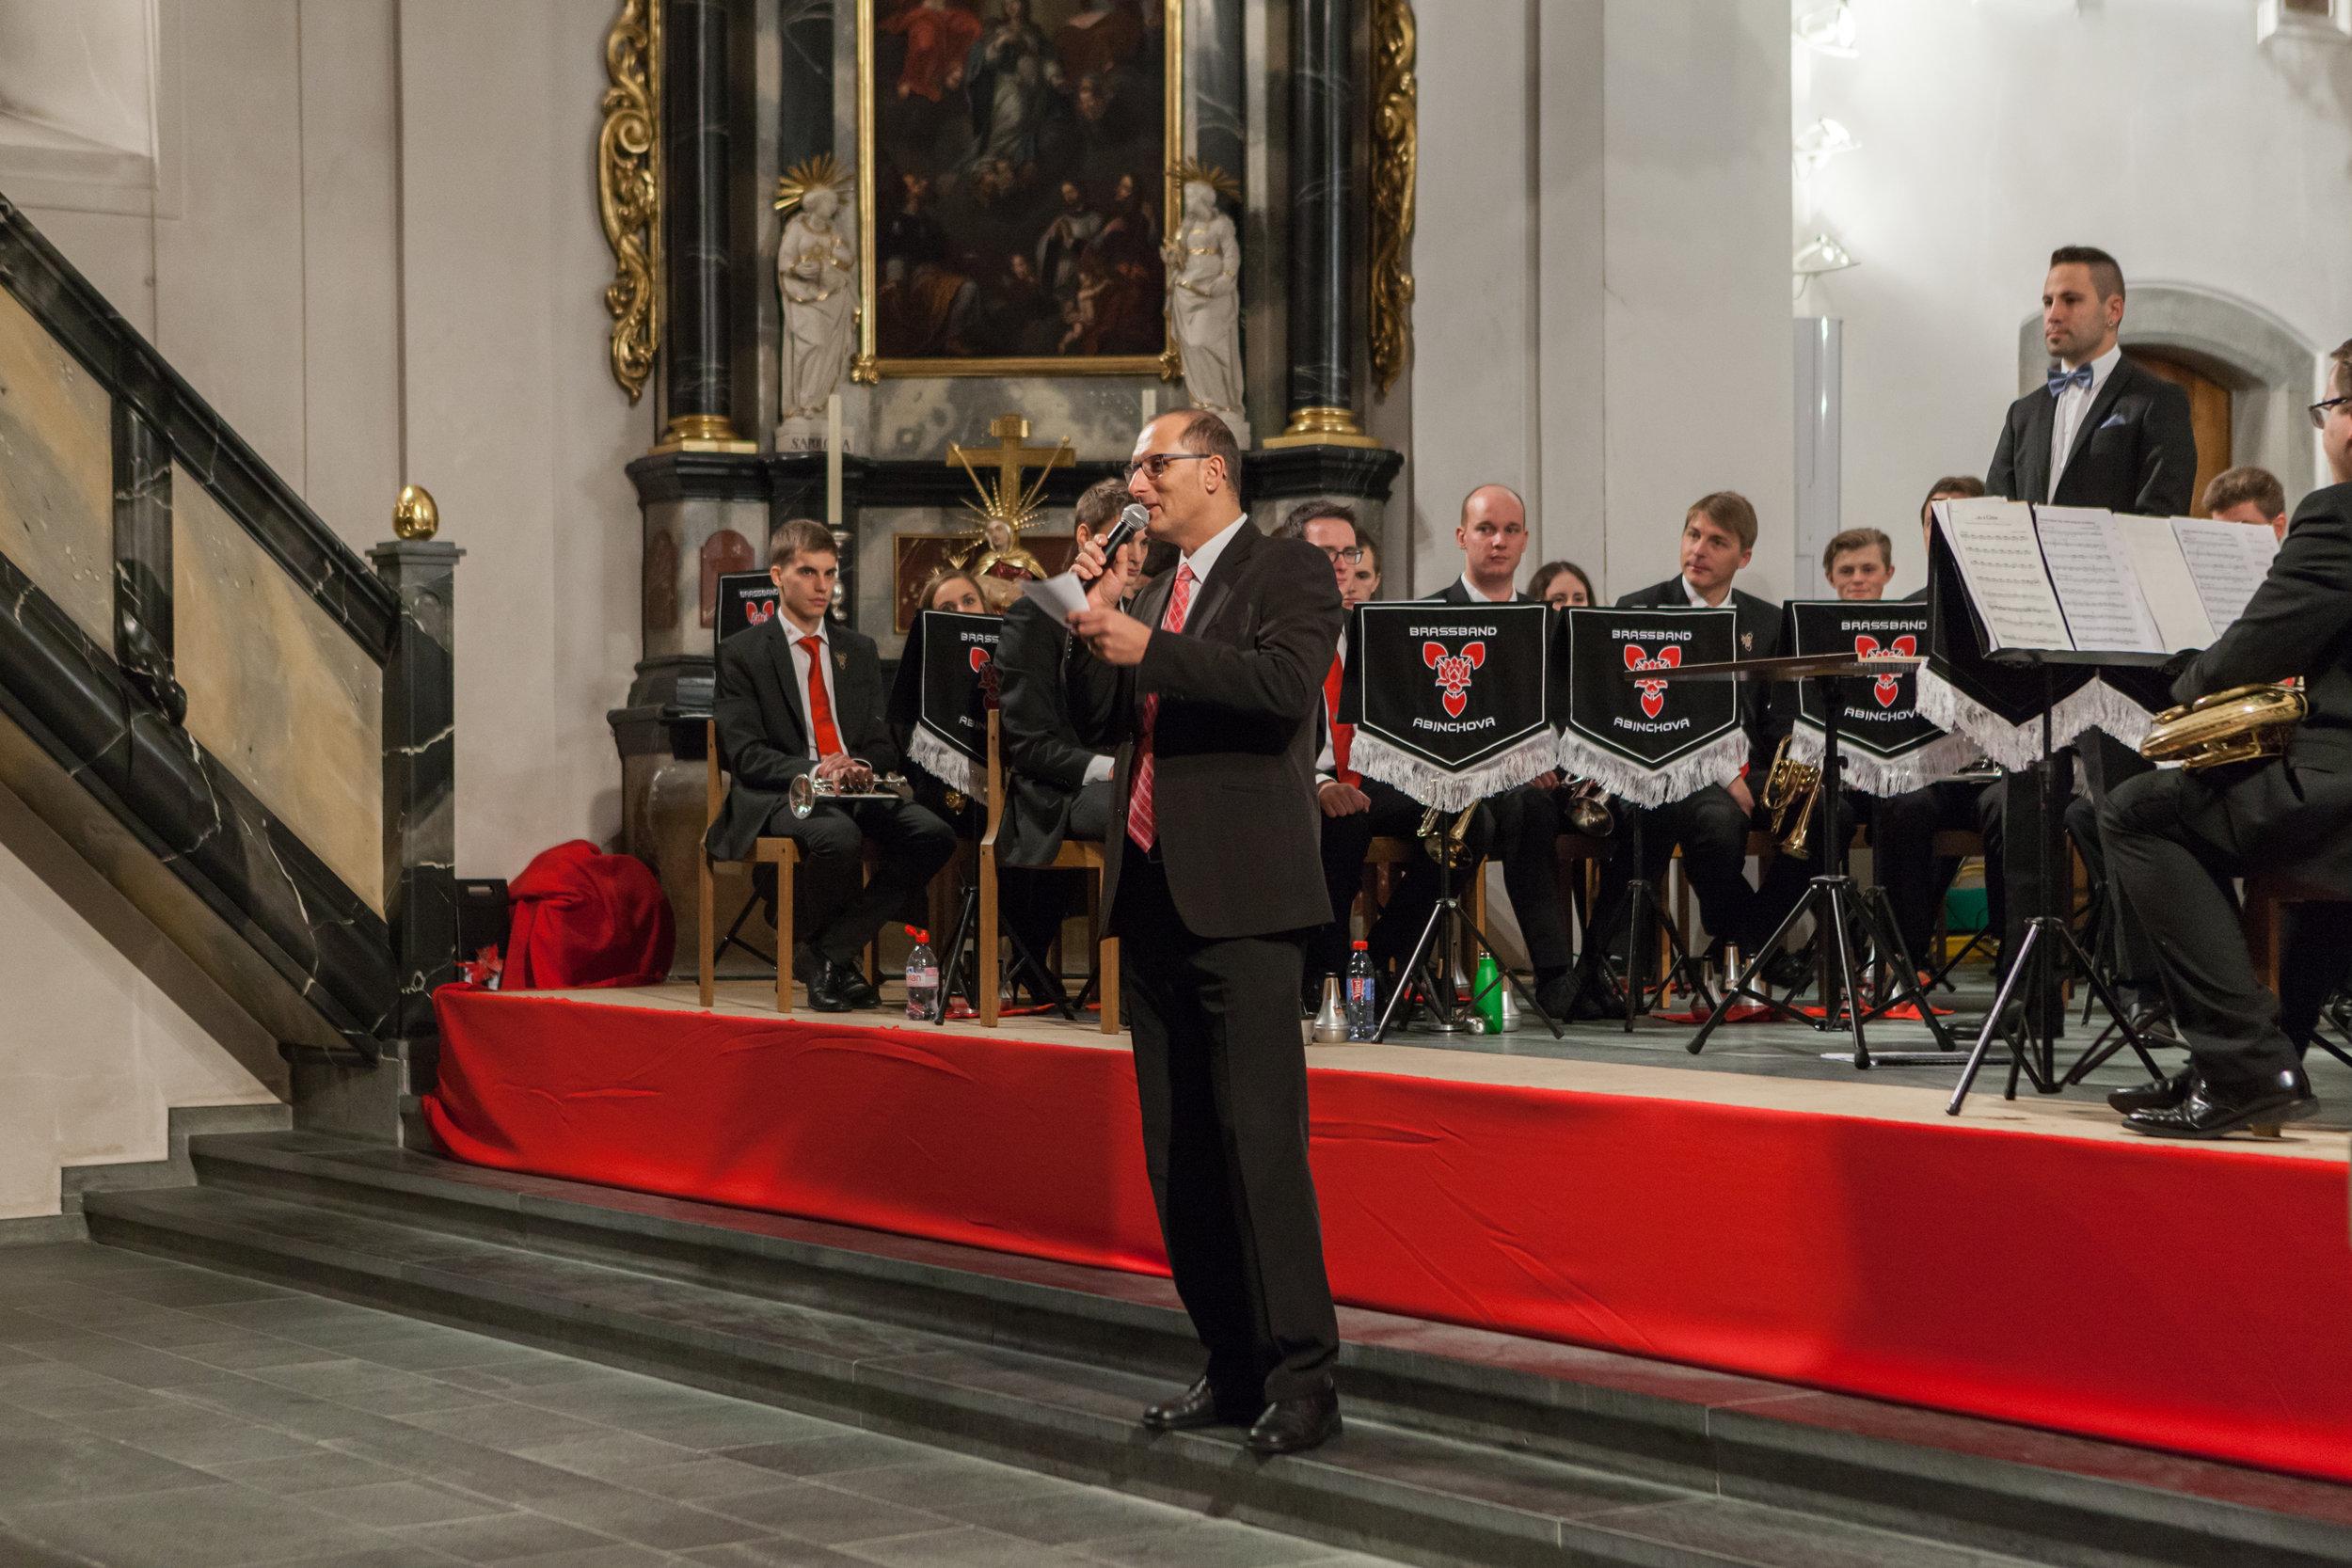 20161210_Gaudette_Konzert_Brassband_Abinchova_14.jpg